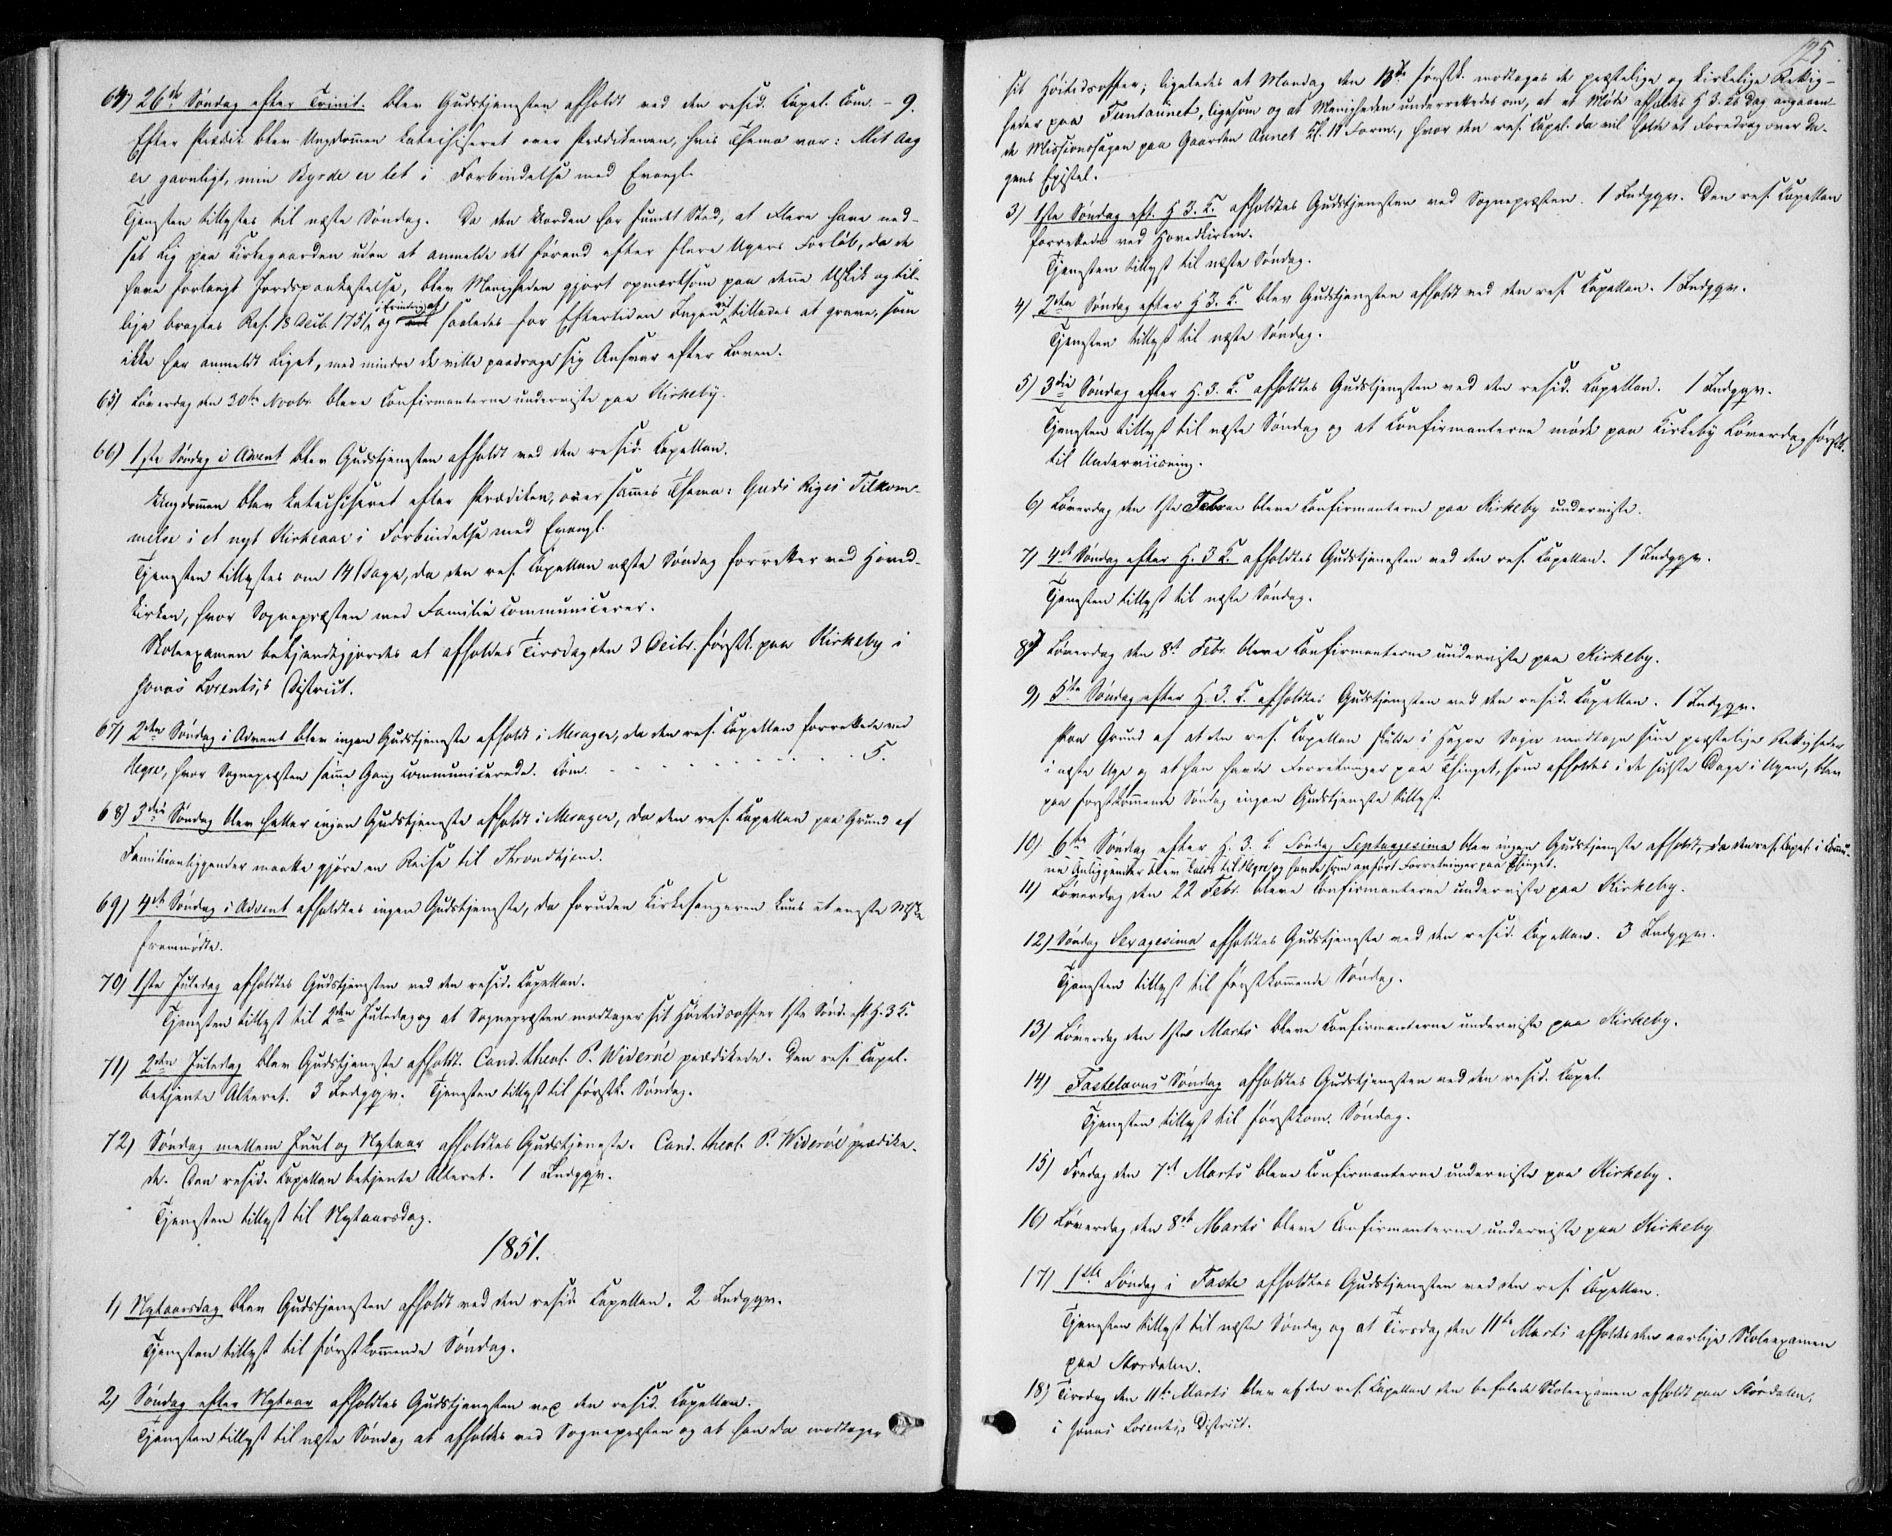 SAT, Ministerialprotokoller, klokkerbøker og fødselsregistre - Nord-Trøndelag, 706/L0040: Parish register (official) no. 706A01, 1850-1861, p. 125